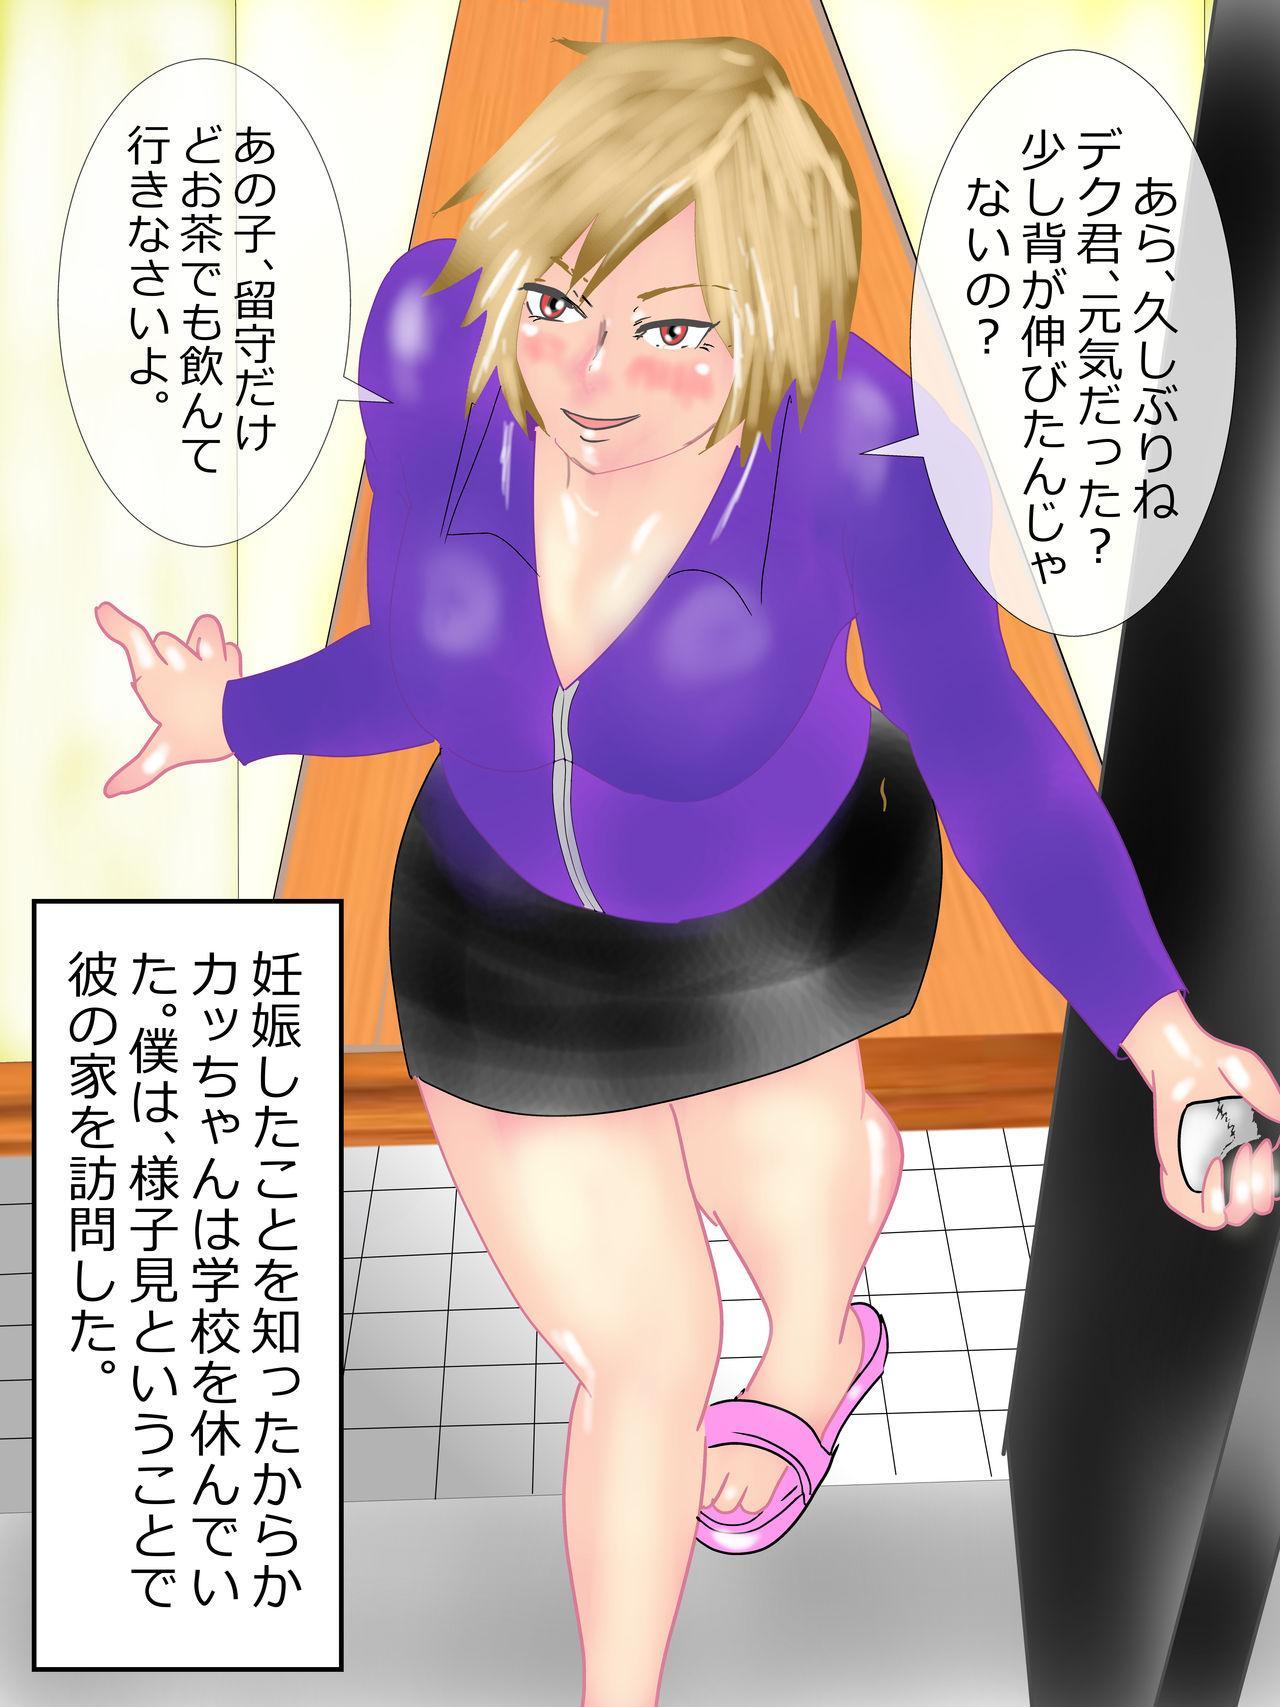 Netori Mama Kanjuku Dorian no Yuuwaku 15